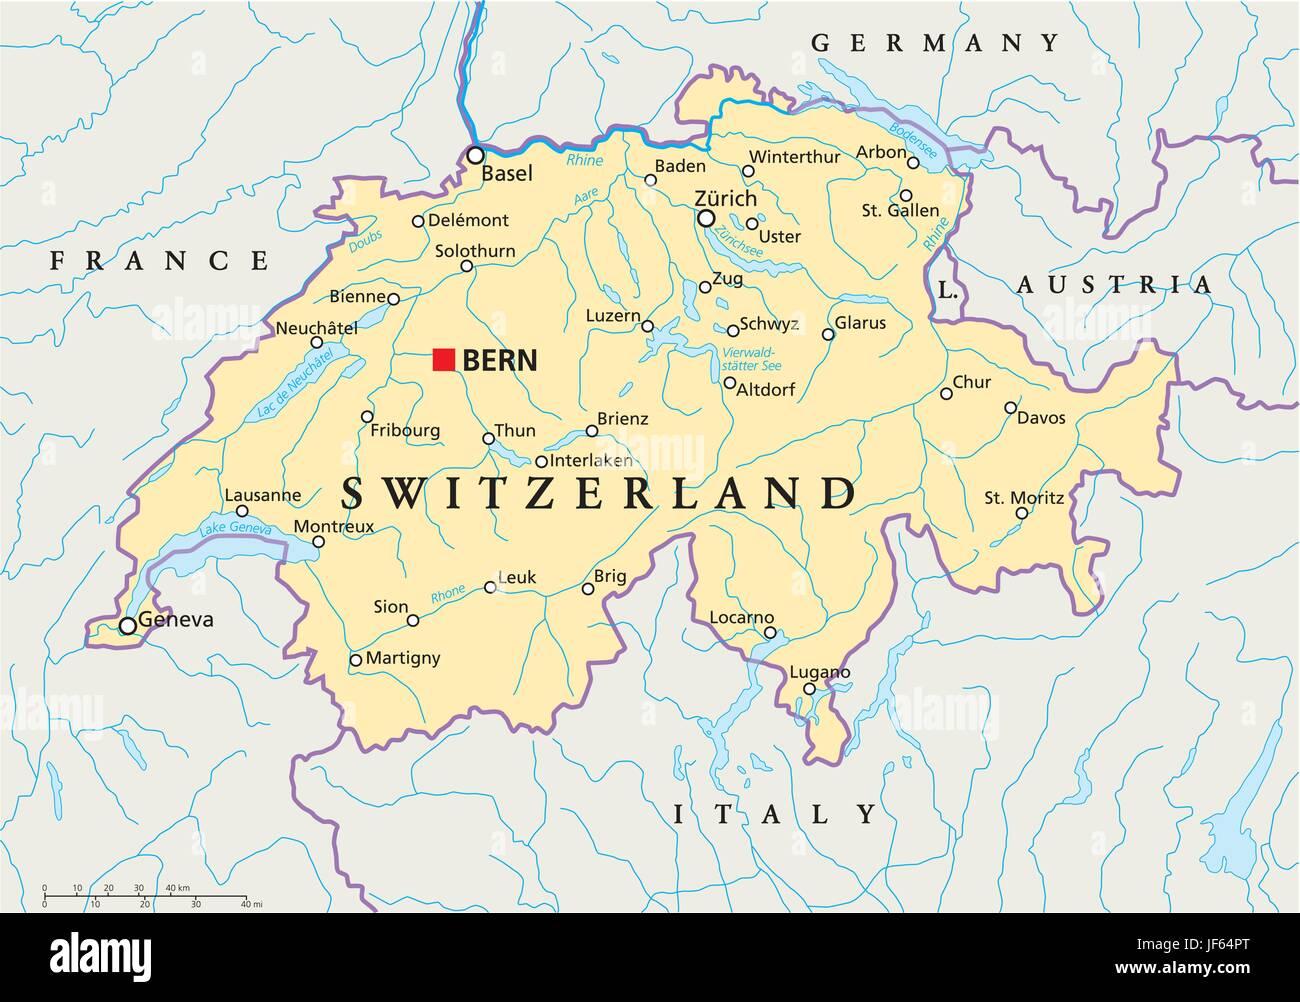 Cartina Svizzera Geografica.Alpi Svizzera Zurigo Svizzera Mappa Atlas Mappa Del Mondo Berna Reno Immagine E Vettoriale Alamy